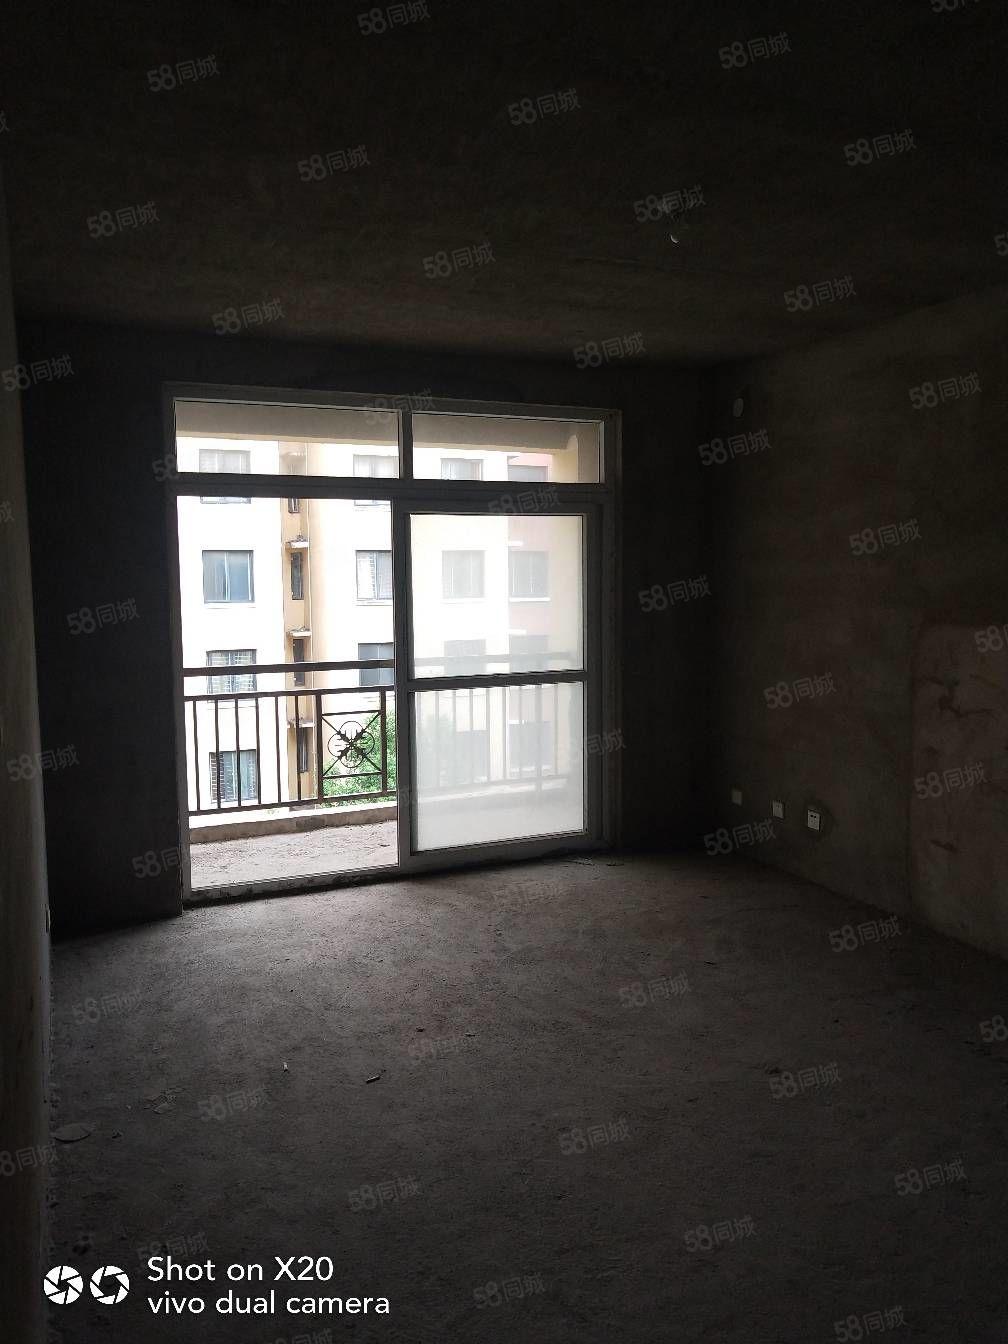 天鹅湖3室2厅1卫毛坯南北通透带内置阁楼